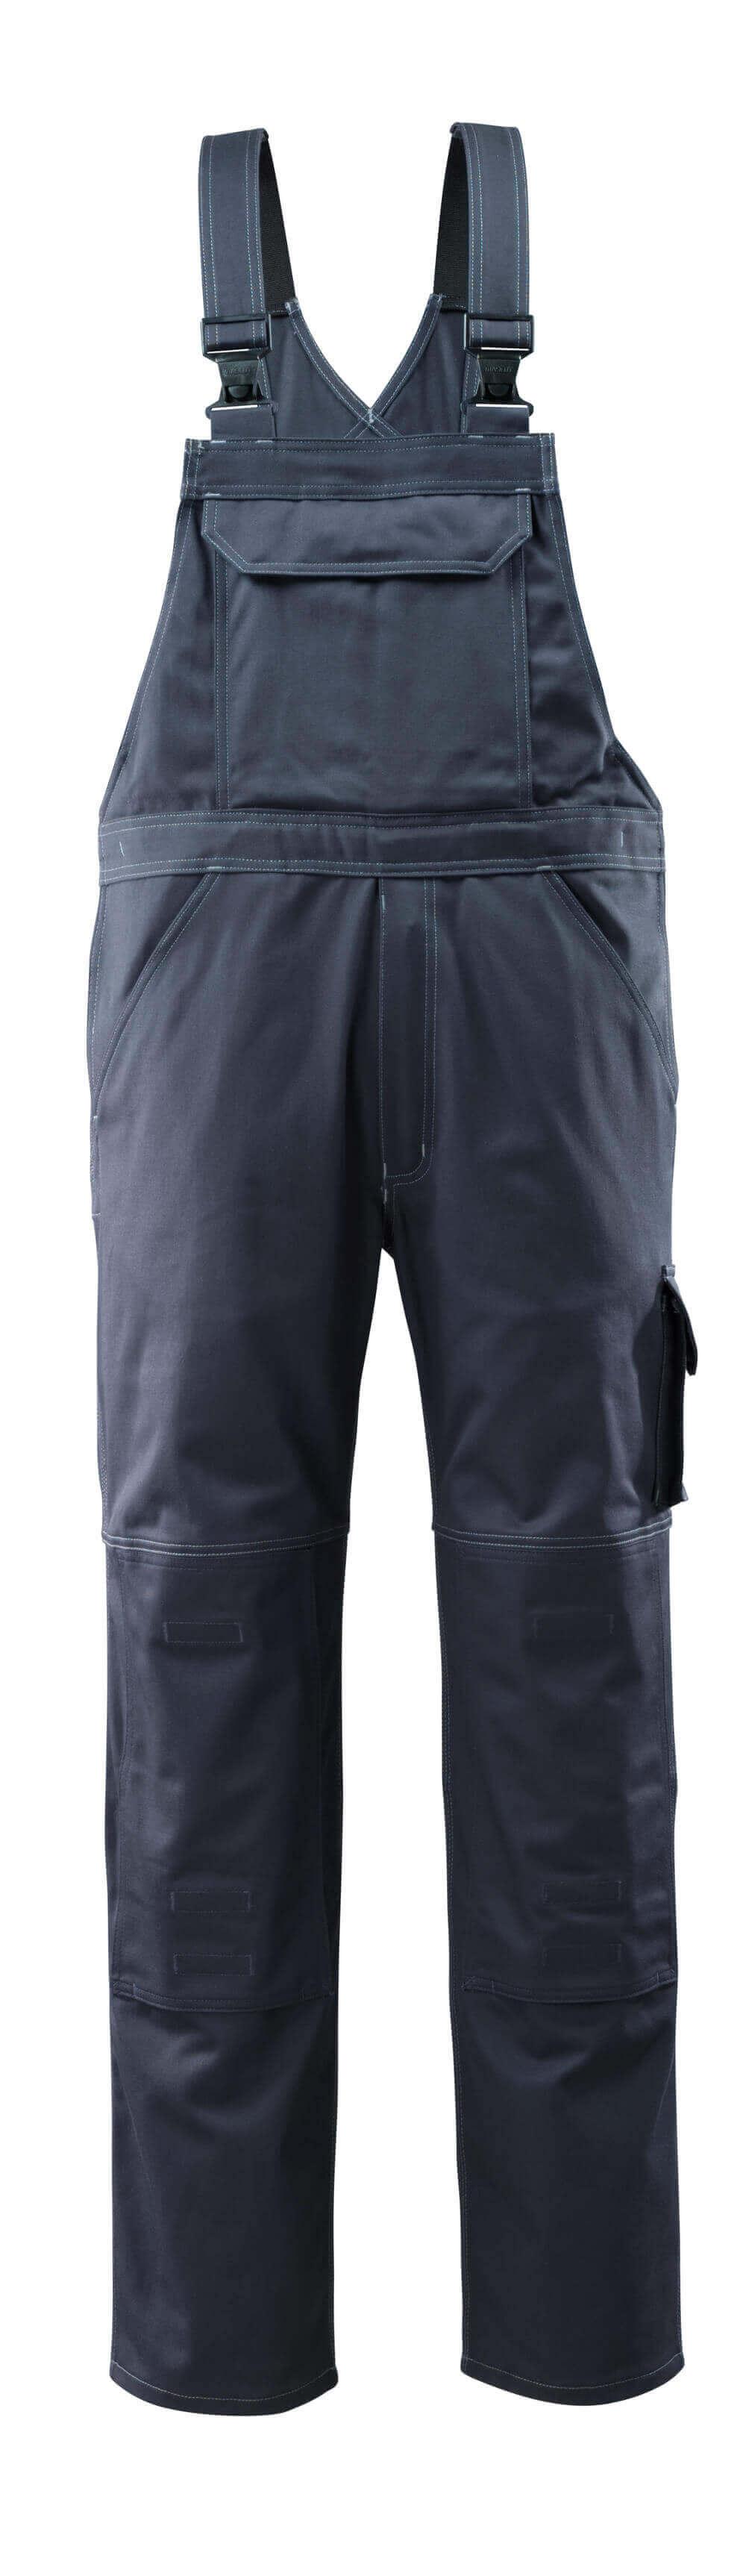 12362-630-010 Salopette avec poches genouillères - Marine foncé